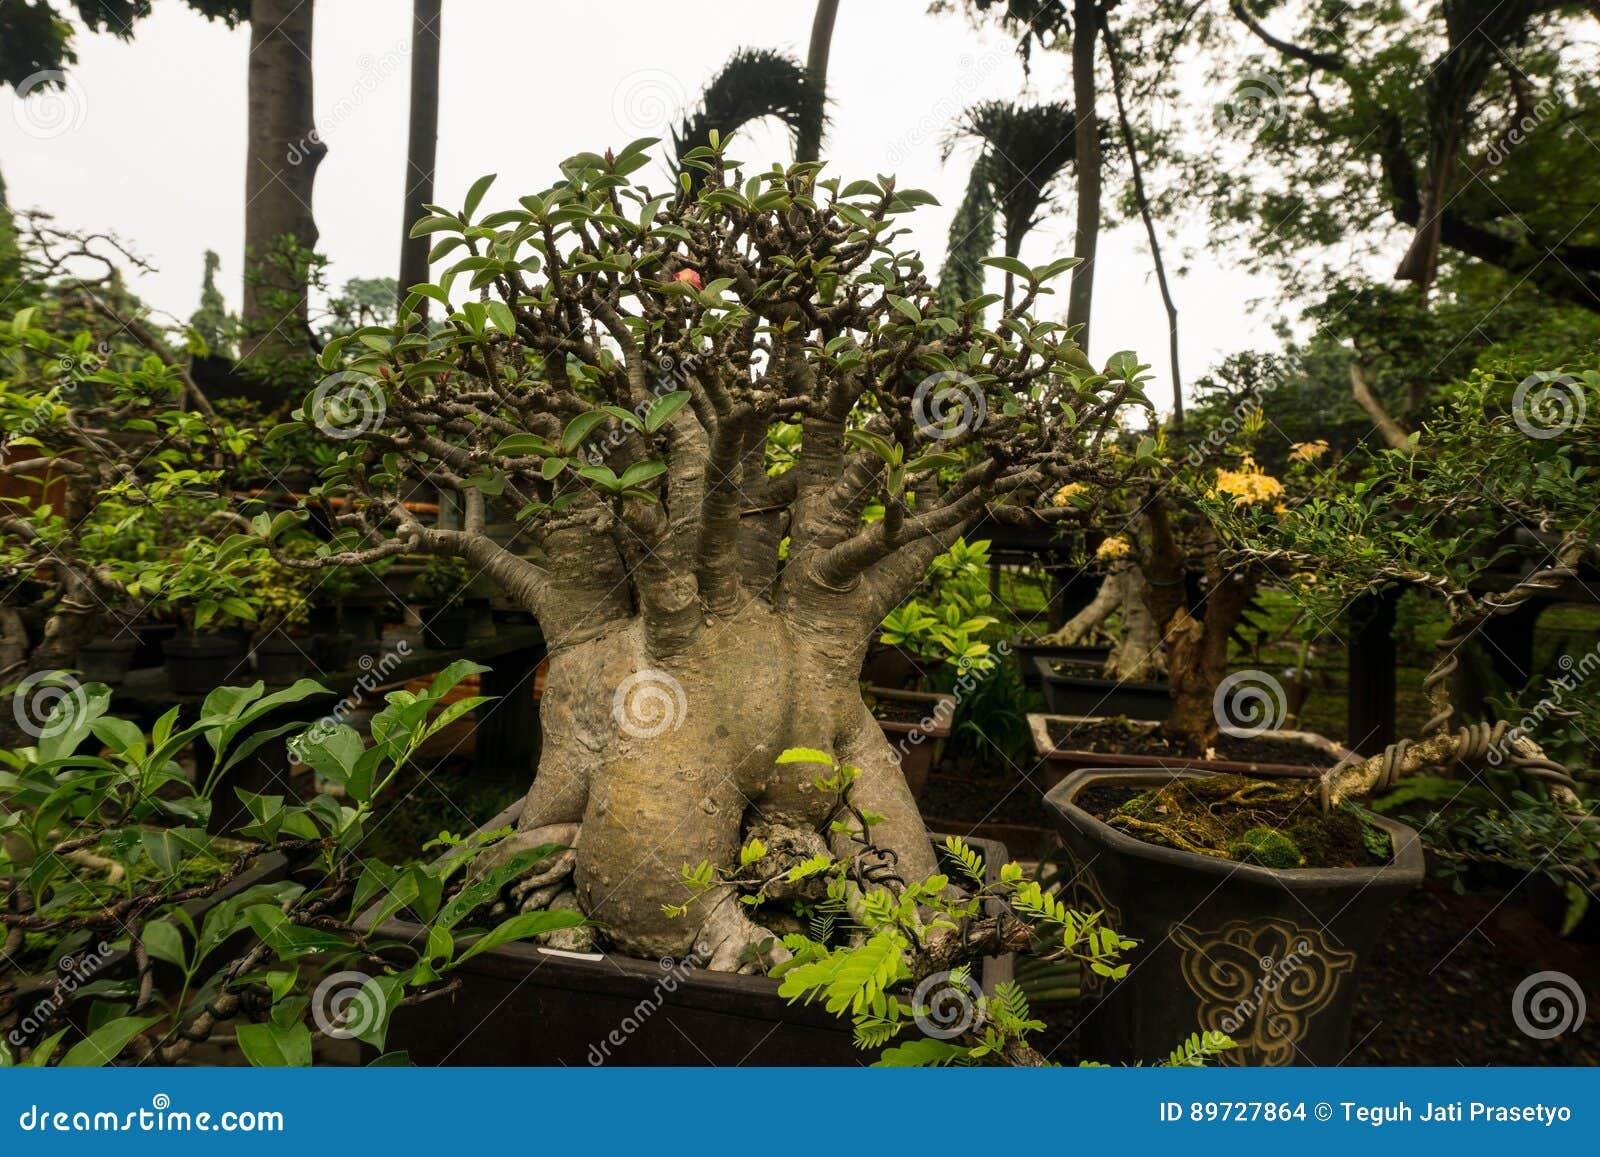 L albero dei bonsai in un vaso fatto da argilla per le piante decorative vende al venditore Jakarta contenuta foto Indonesia dell